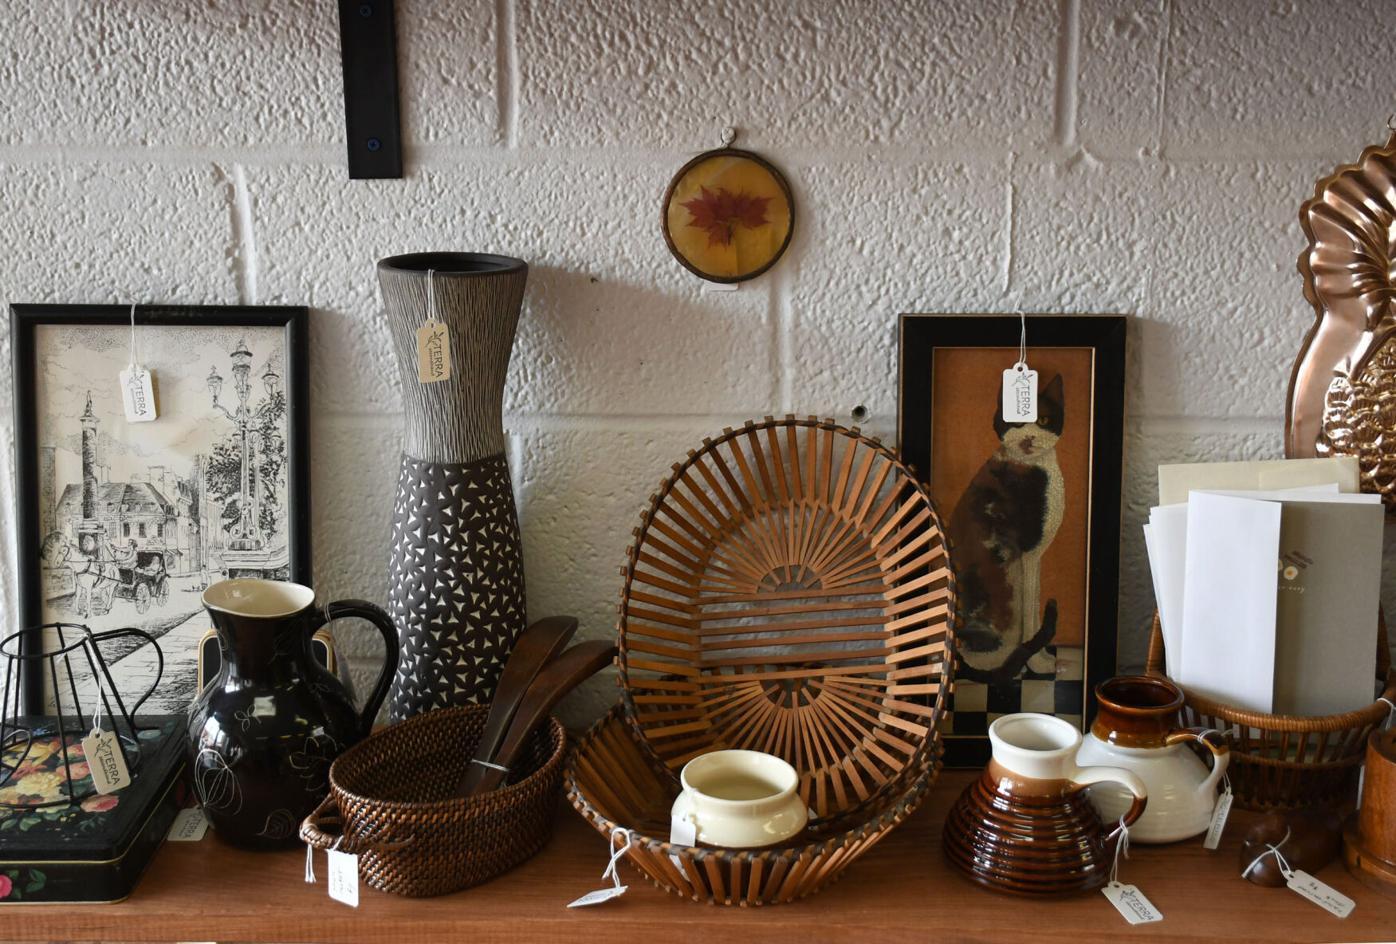 Divers objets vintage et d'occasion sur une étagère